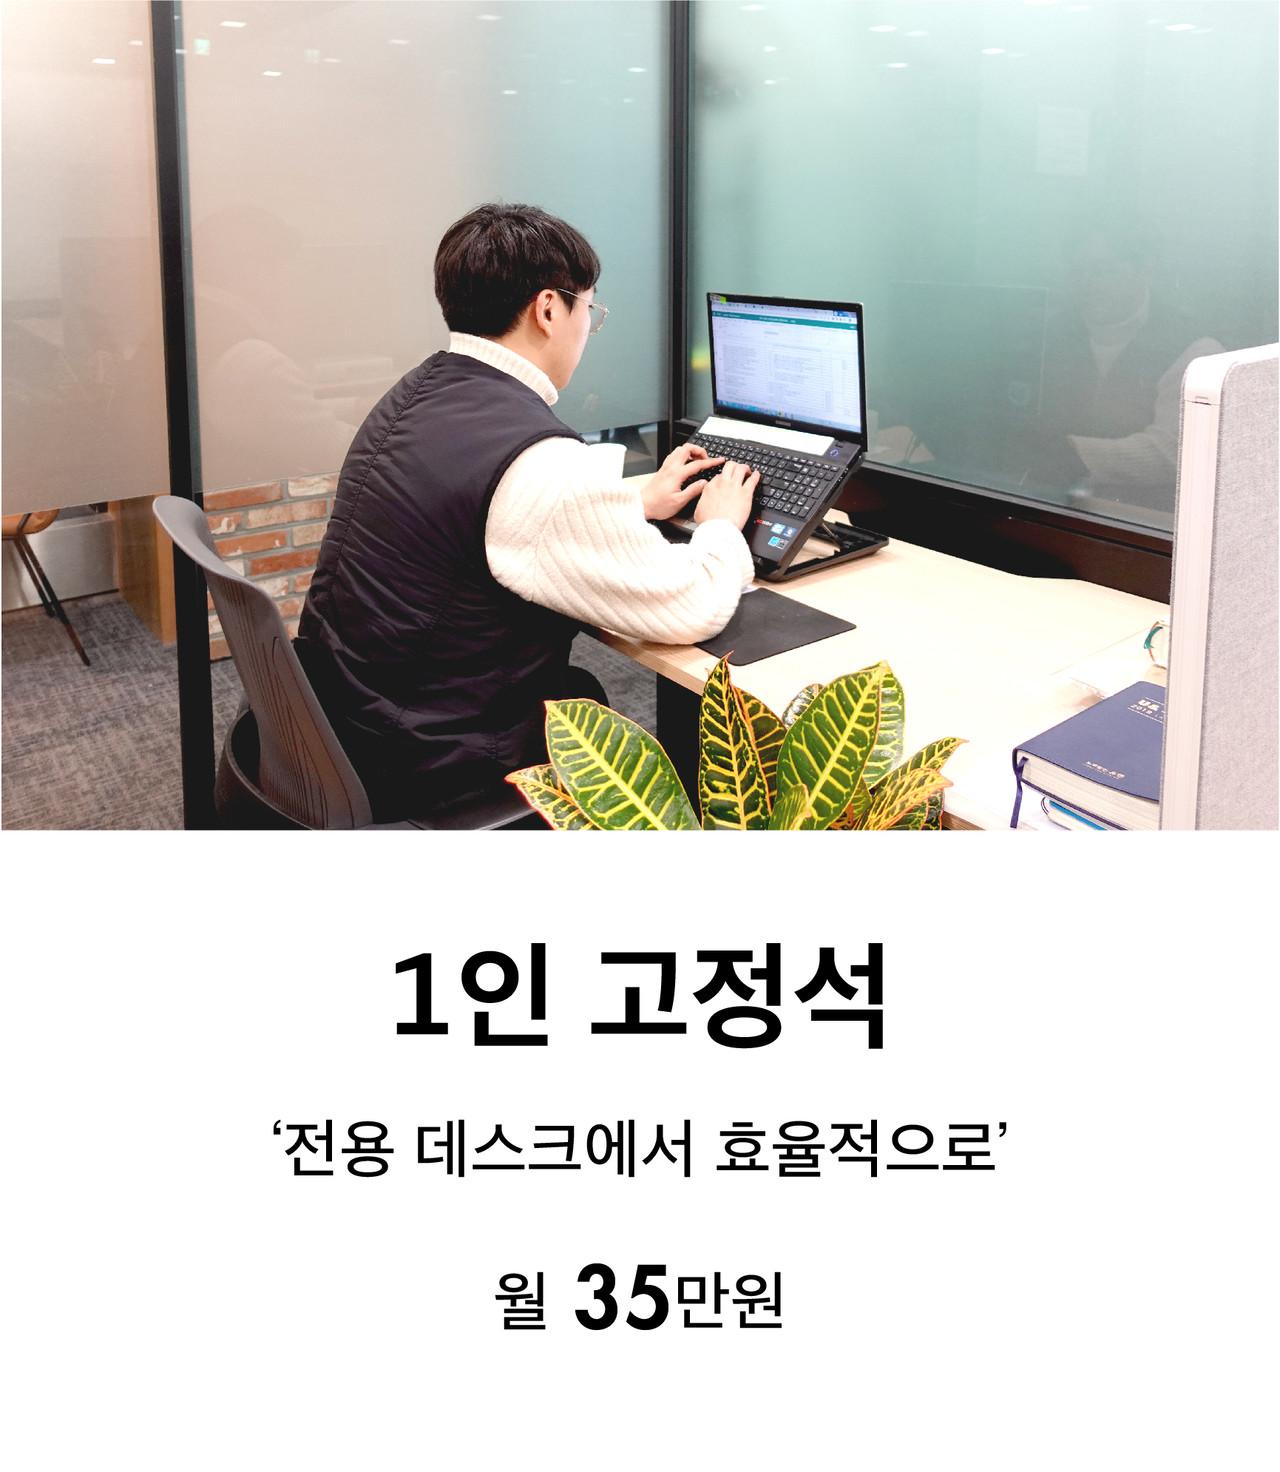 넥스트데이 멤버십 - 1인 고정석